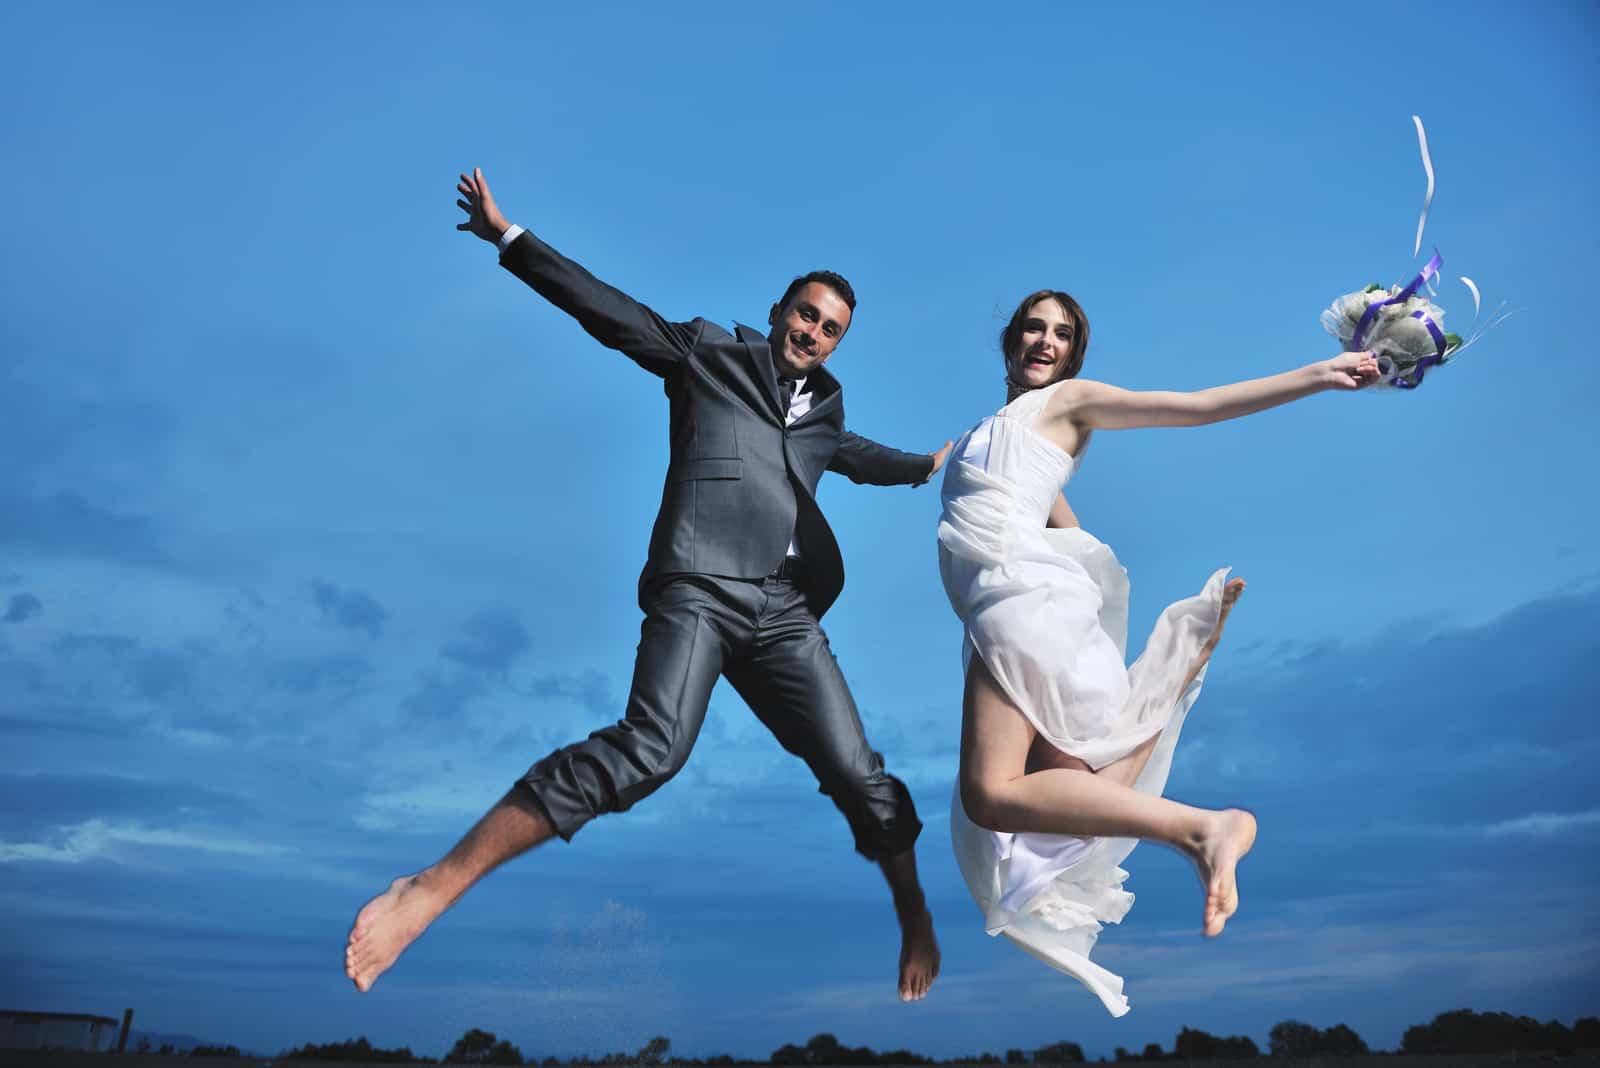 glückliches gerade verheiratetes junges Paar, das feiert